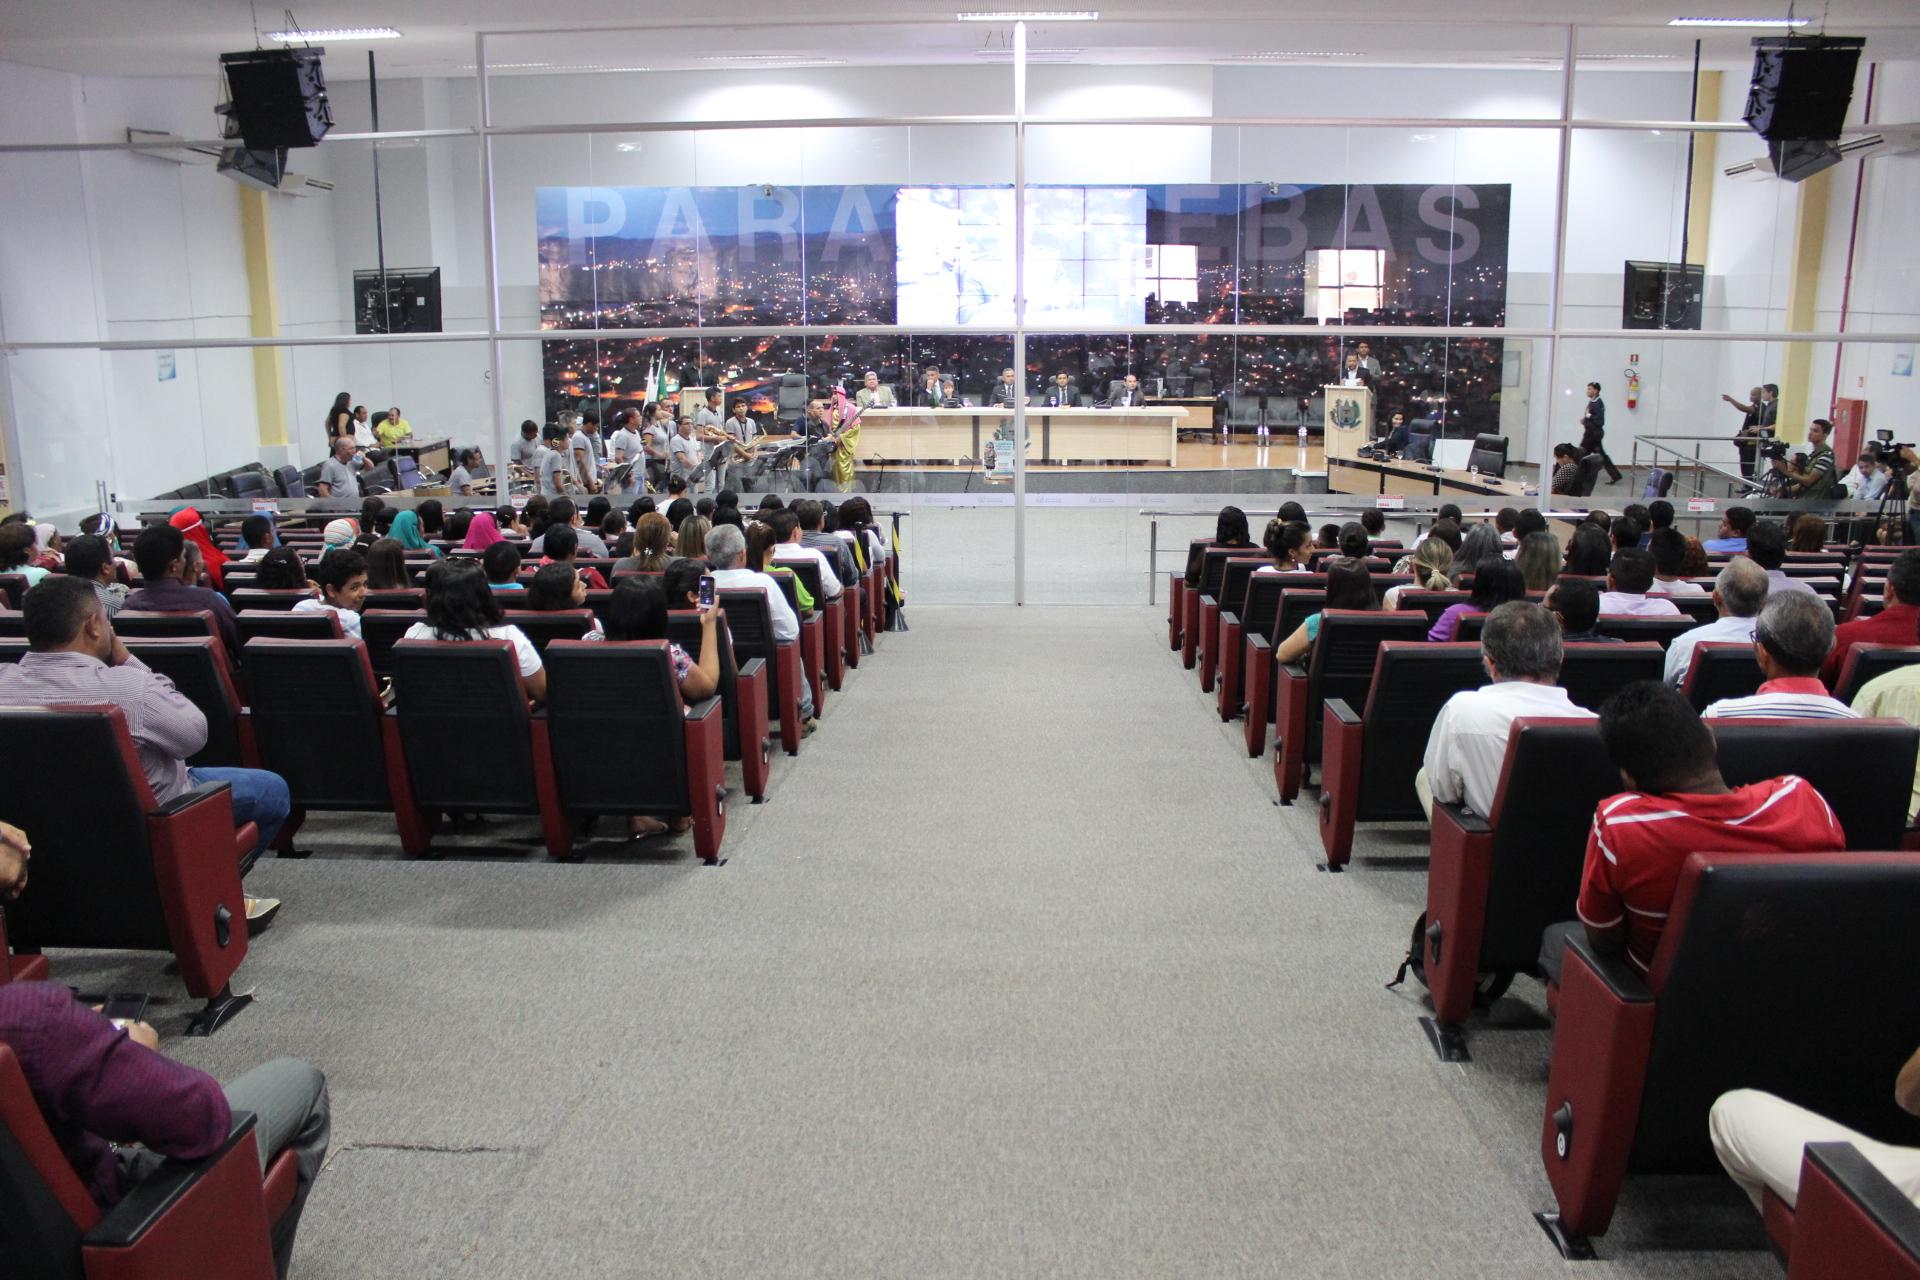 Dia do evangélico: Peças teatrais, hinos e louvores marcam Sessão Solene na Câmara Municipal de Parauapebas